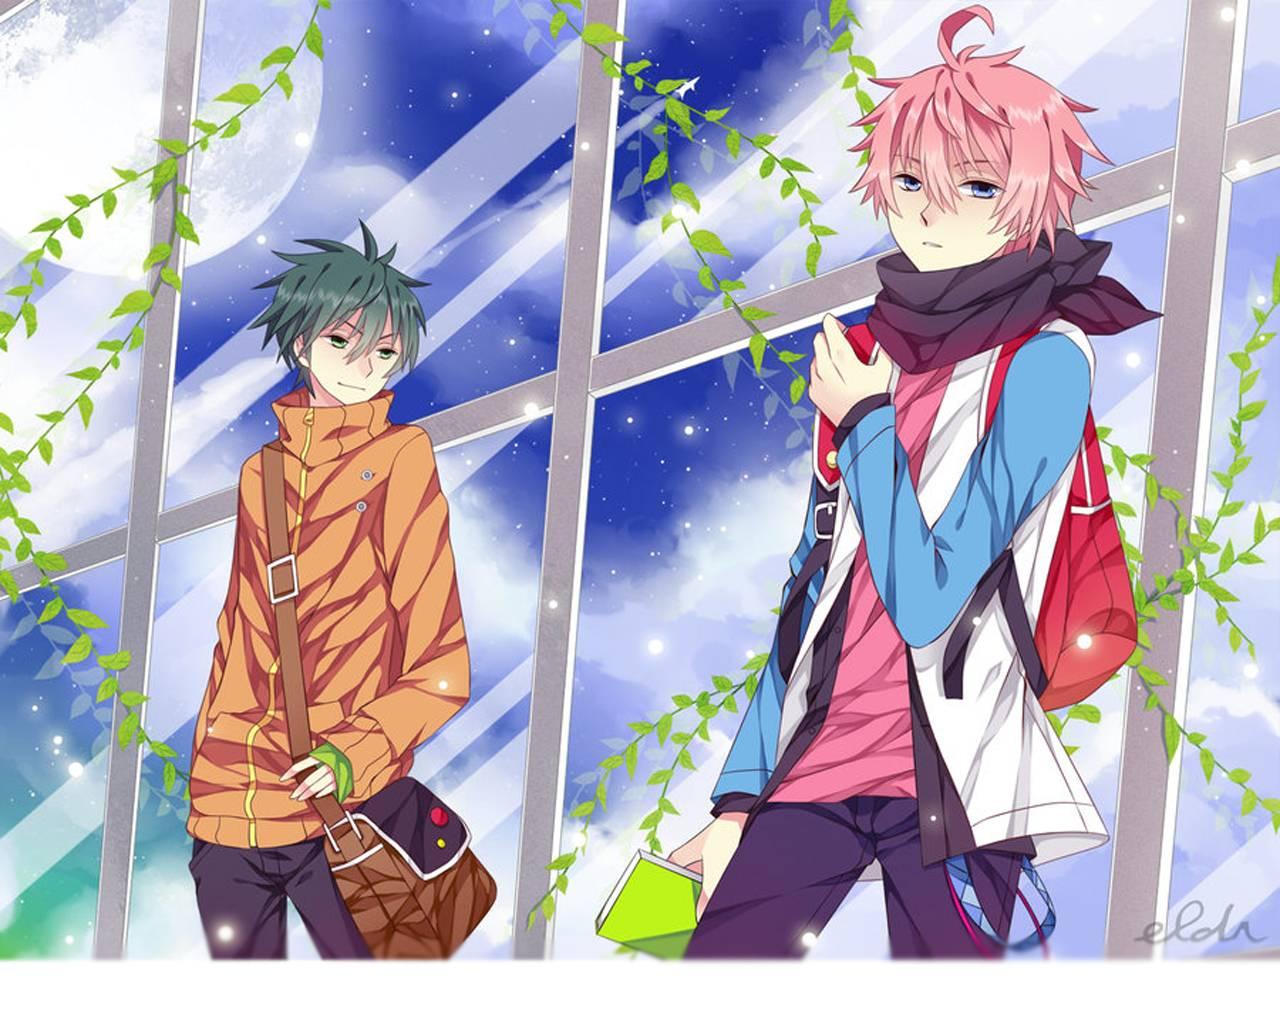 1280x1024 Hình nền Anime Boy Dễ thương